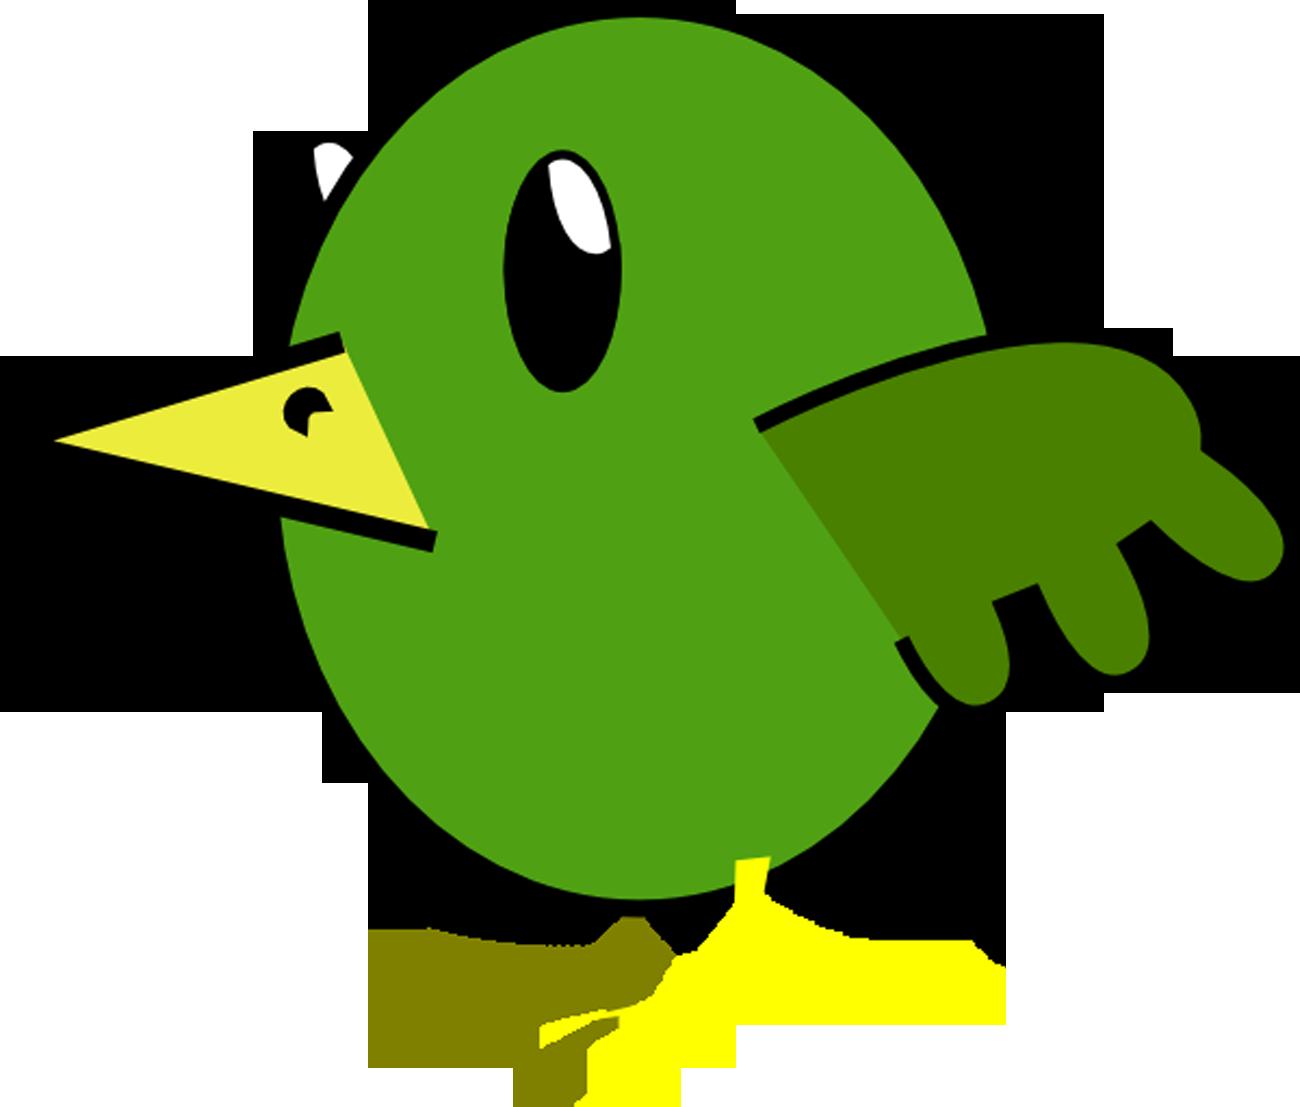 Bird Cartoon Hi | Free Images at Clker.com - vector clip ...